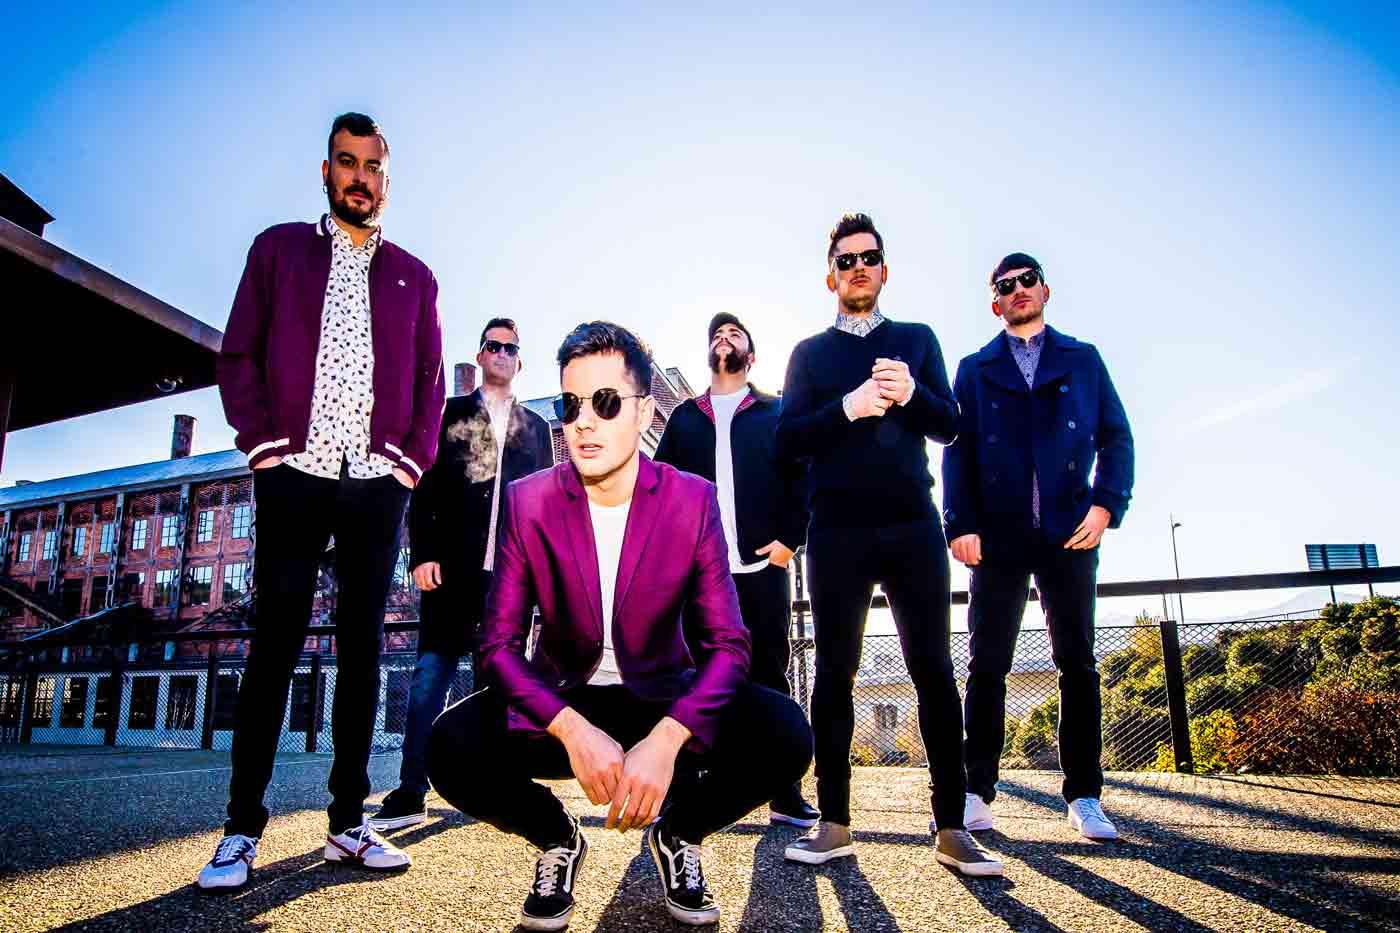 Danza contemporánea y música pop unidas en el nuevo videoclip de The Morgans